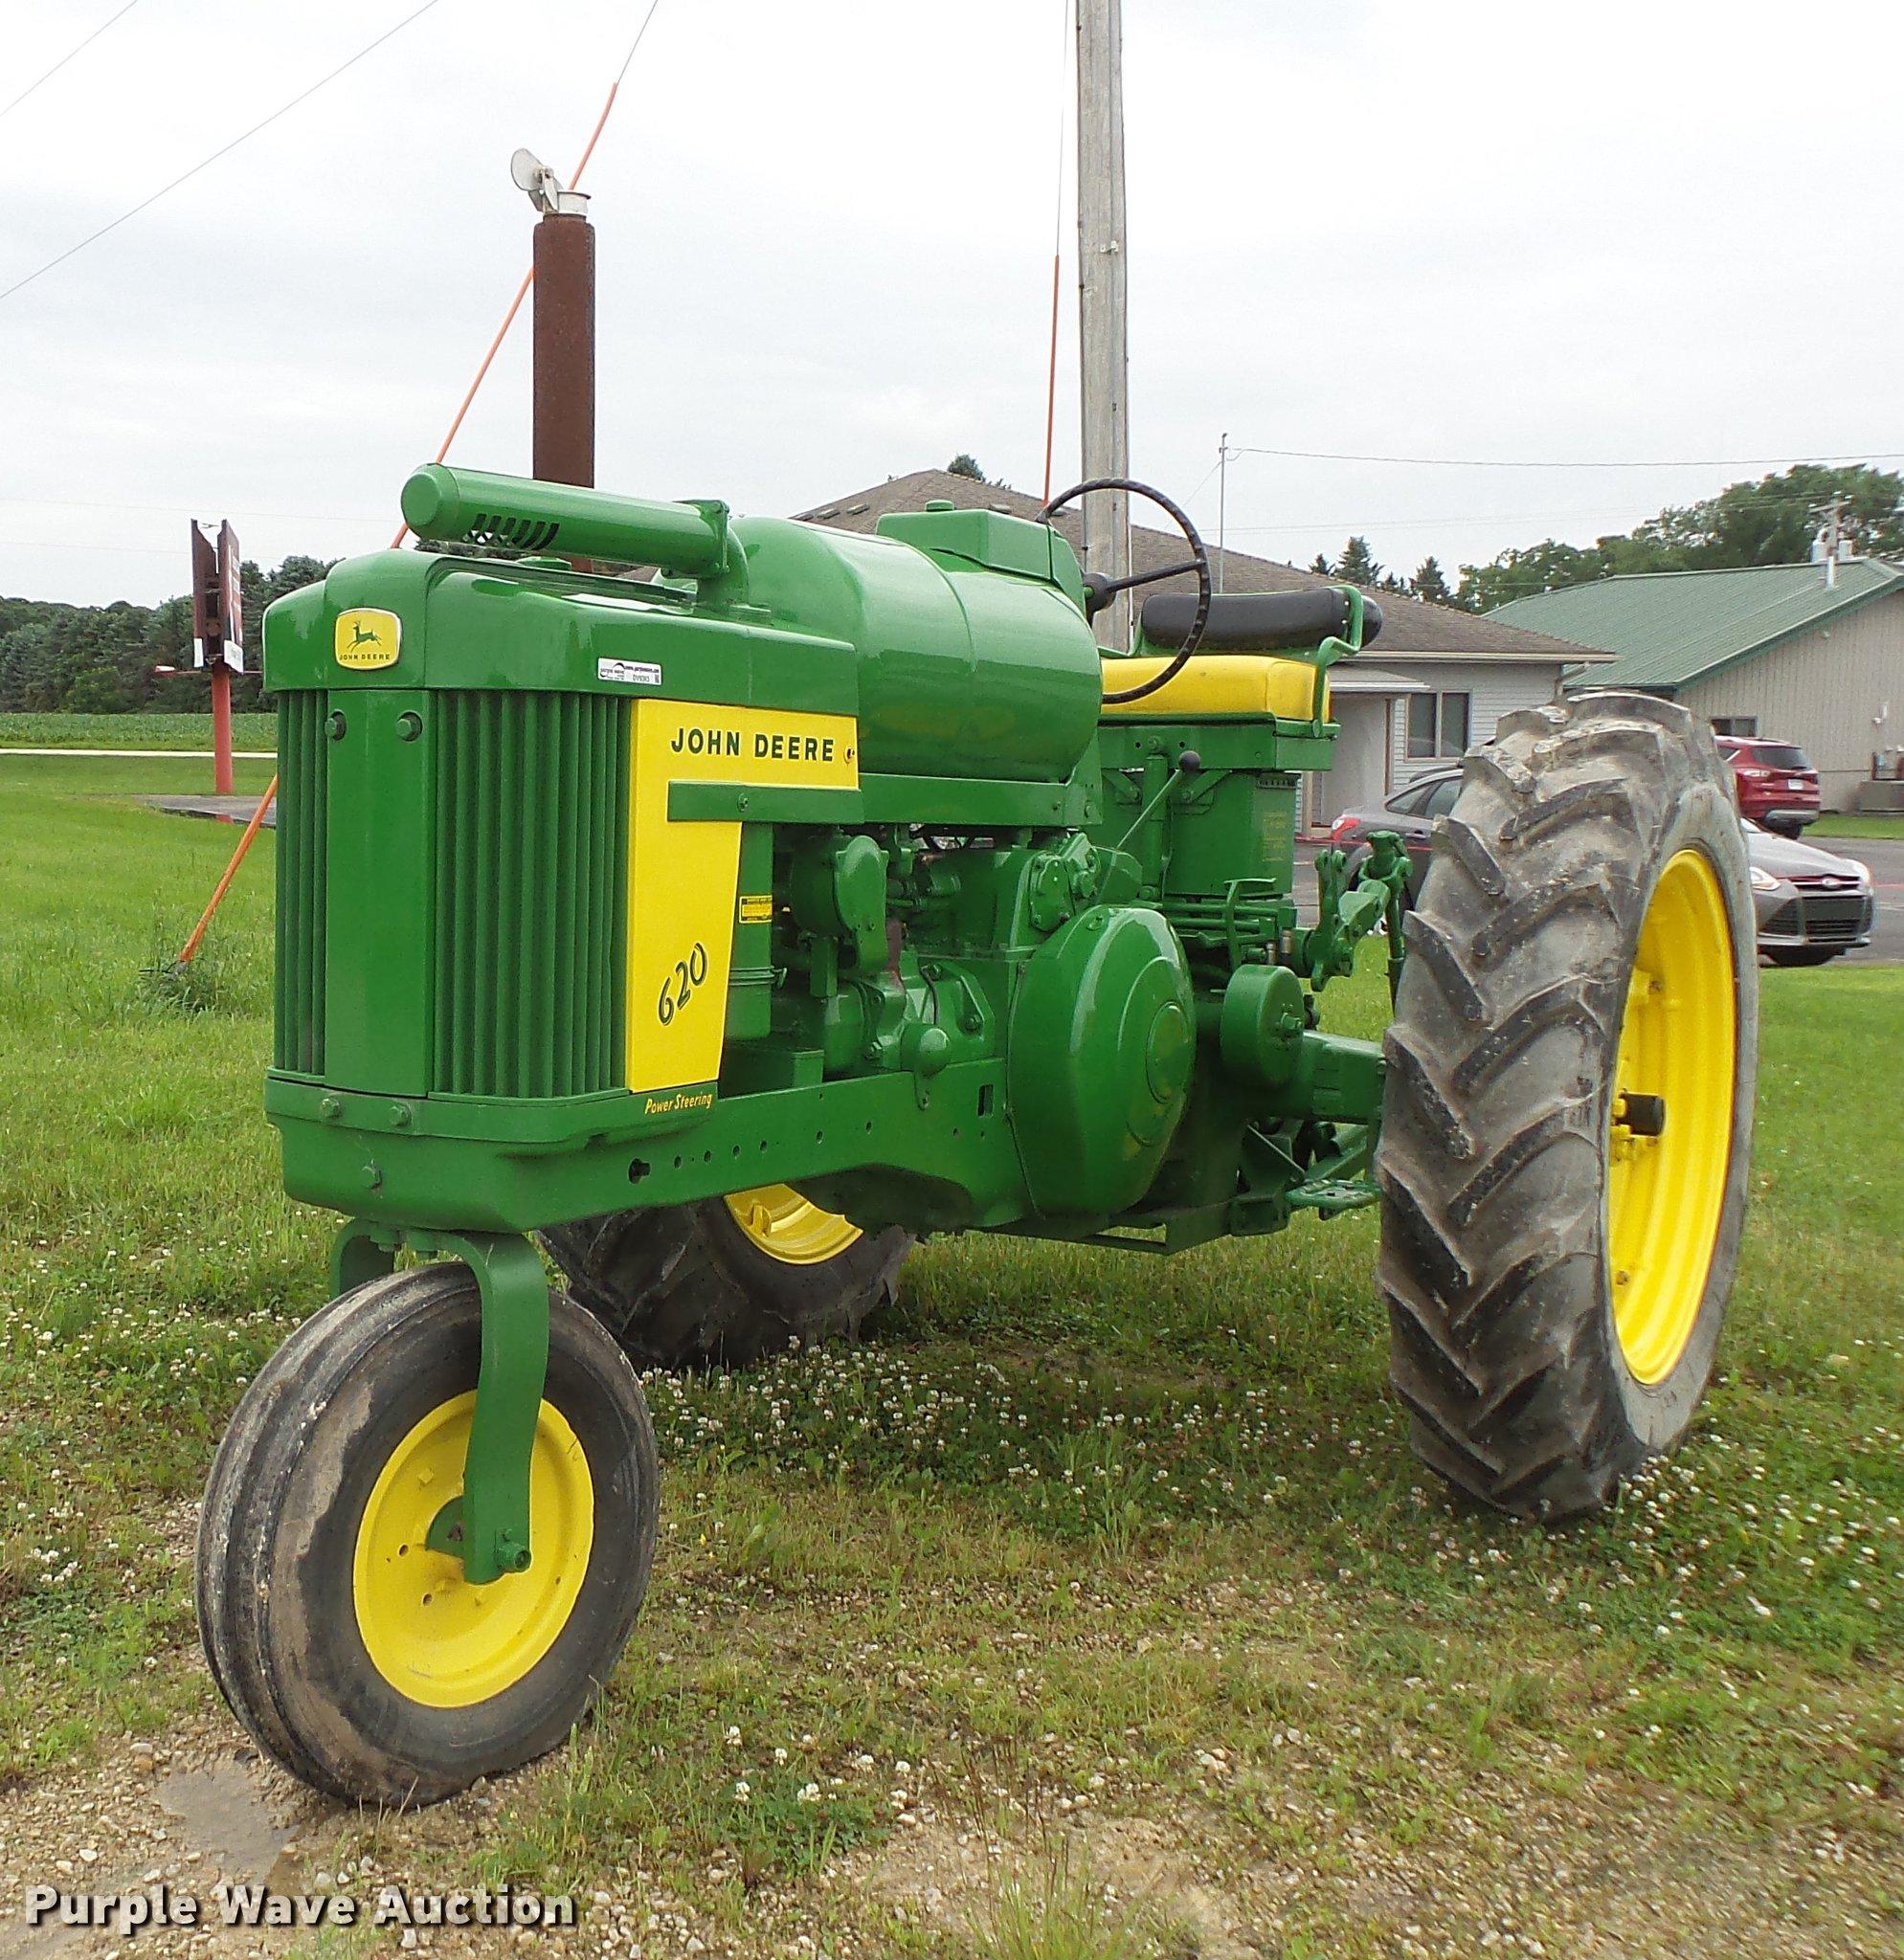 DV9363 image for item DV9363 John Deere 620 tractor